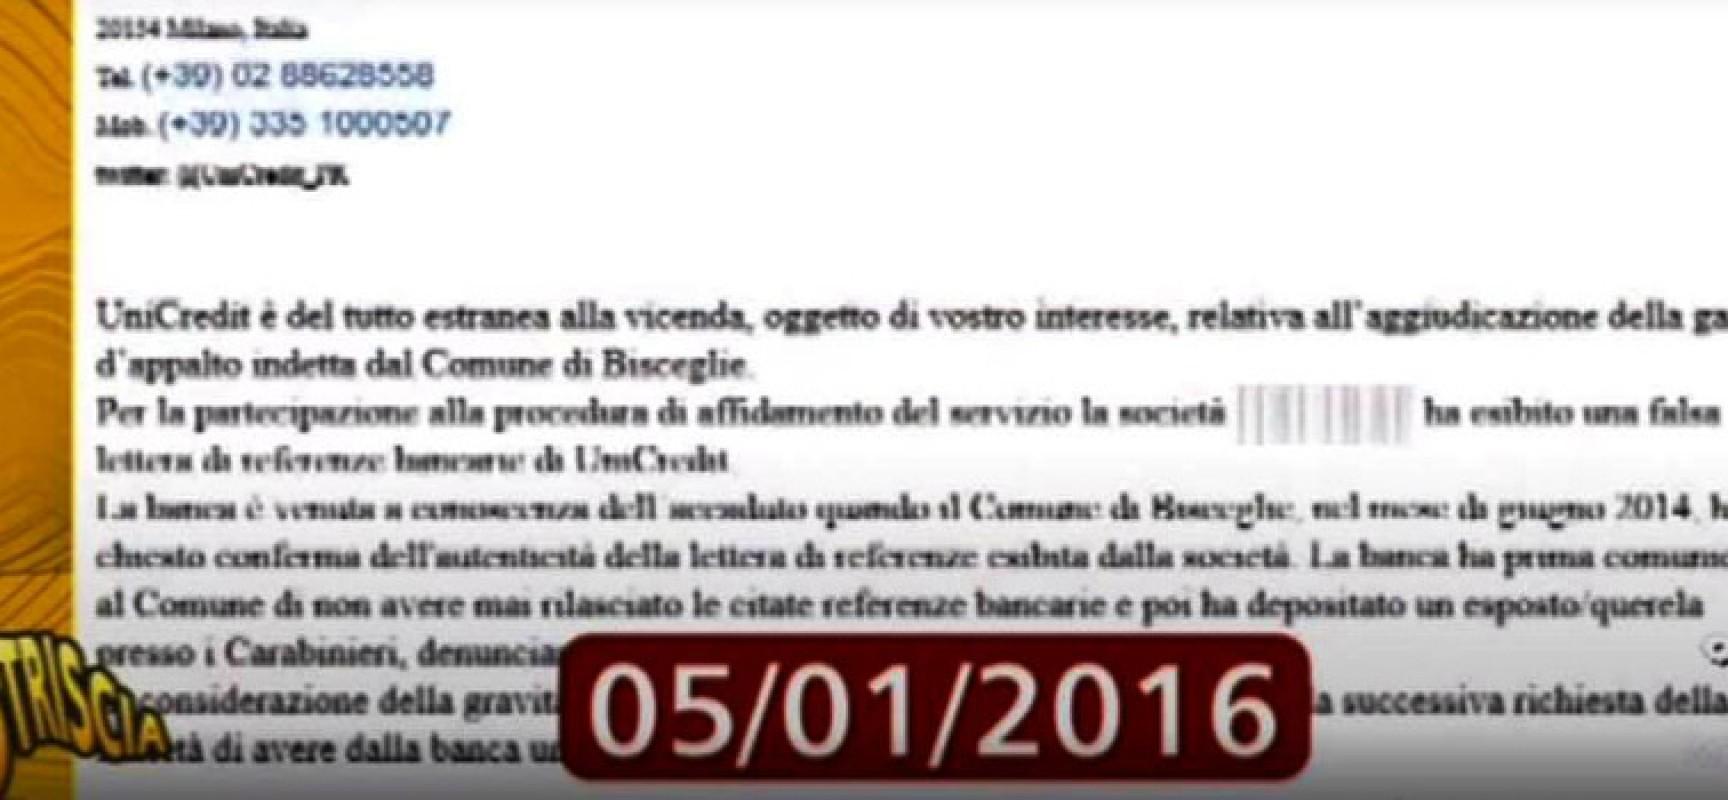 """Italtraff, comune di Bisceglie: """"A chi è stata inviata la nota Unicredit?"""""""